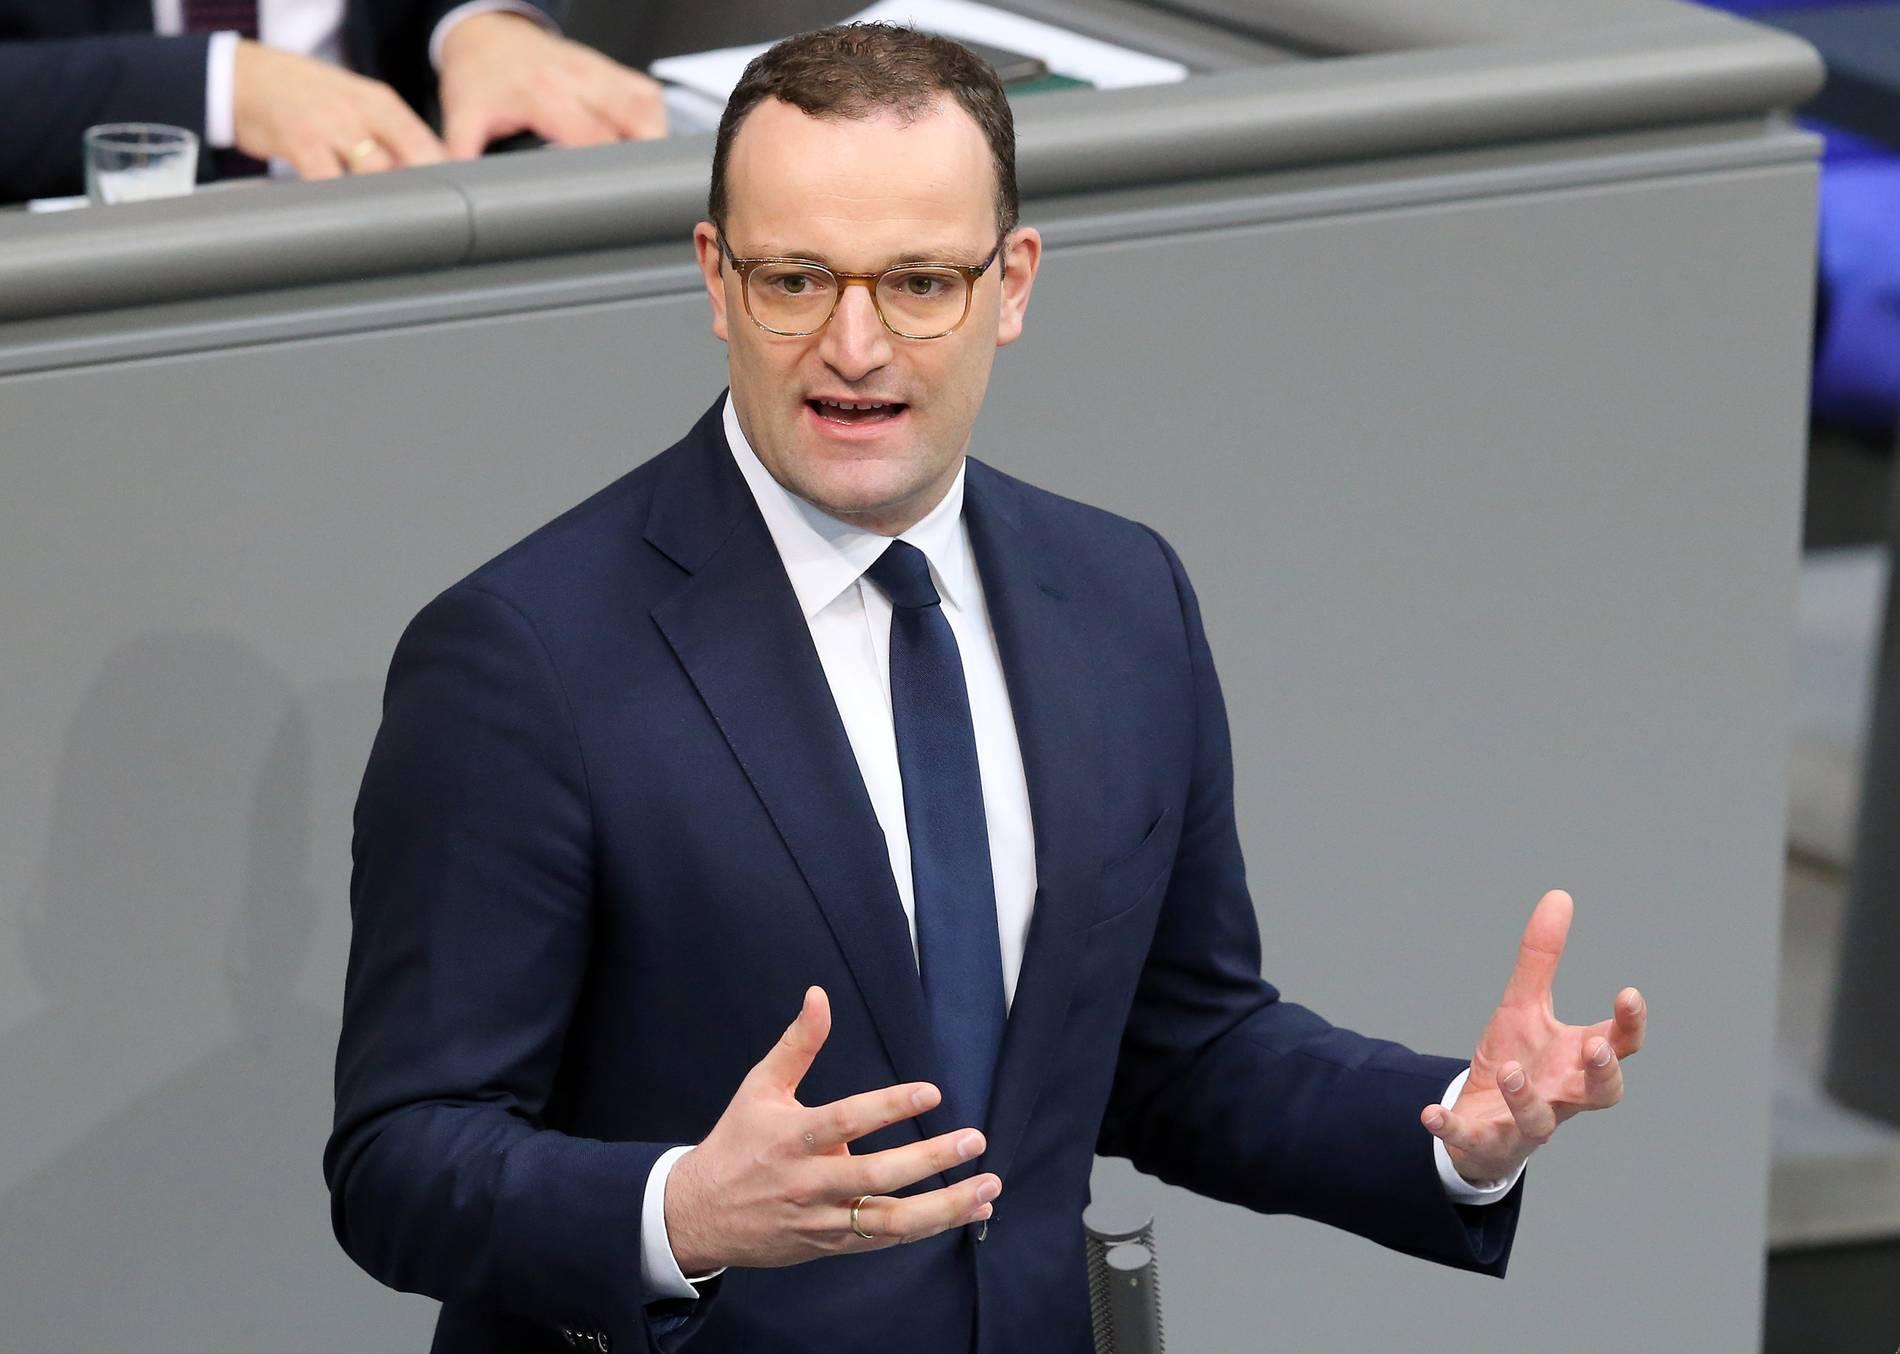 Masern-Impfpflicht: Minister Spahn macht ernst und plant Geldstrafen